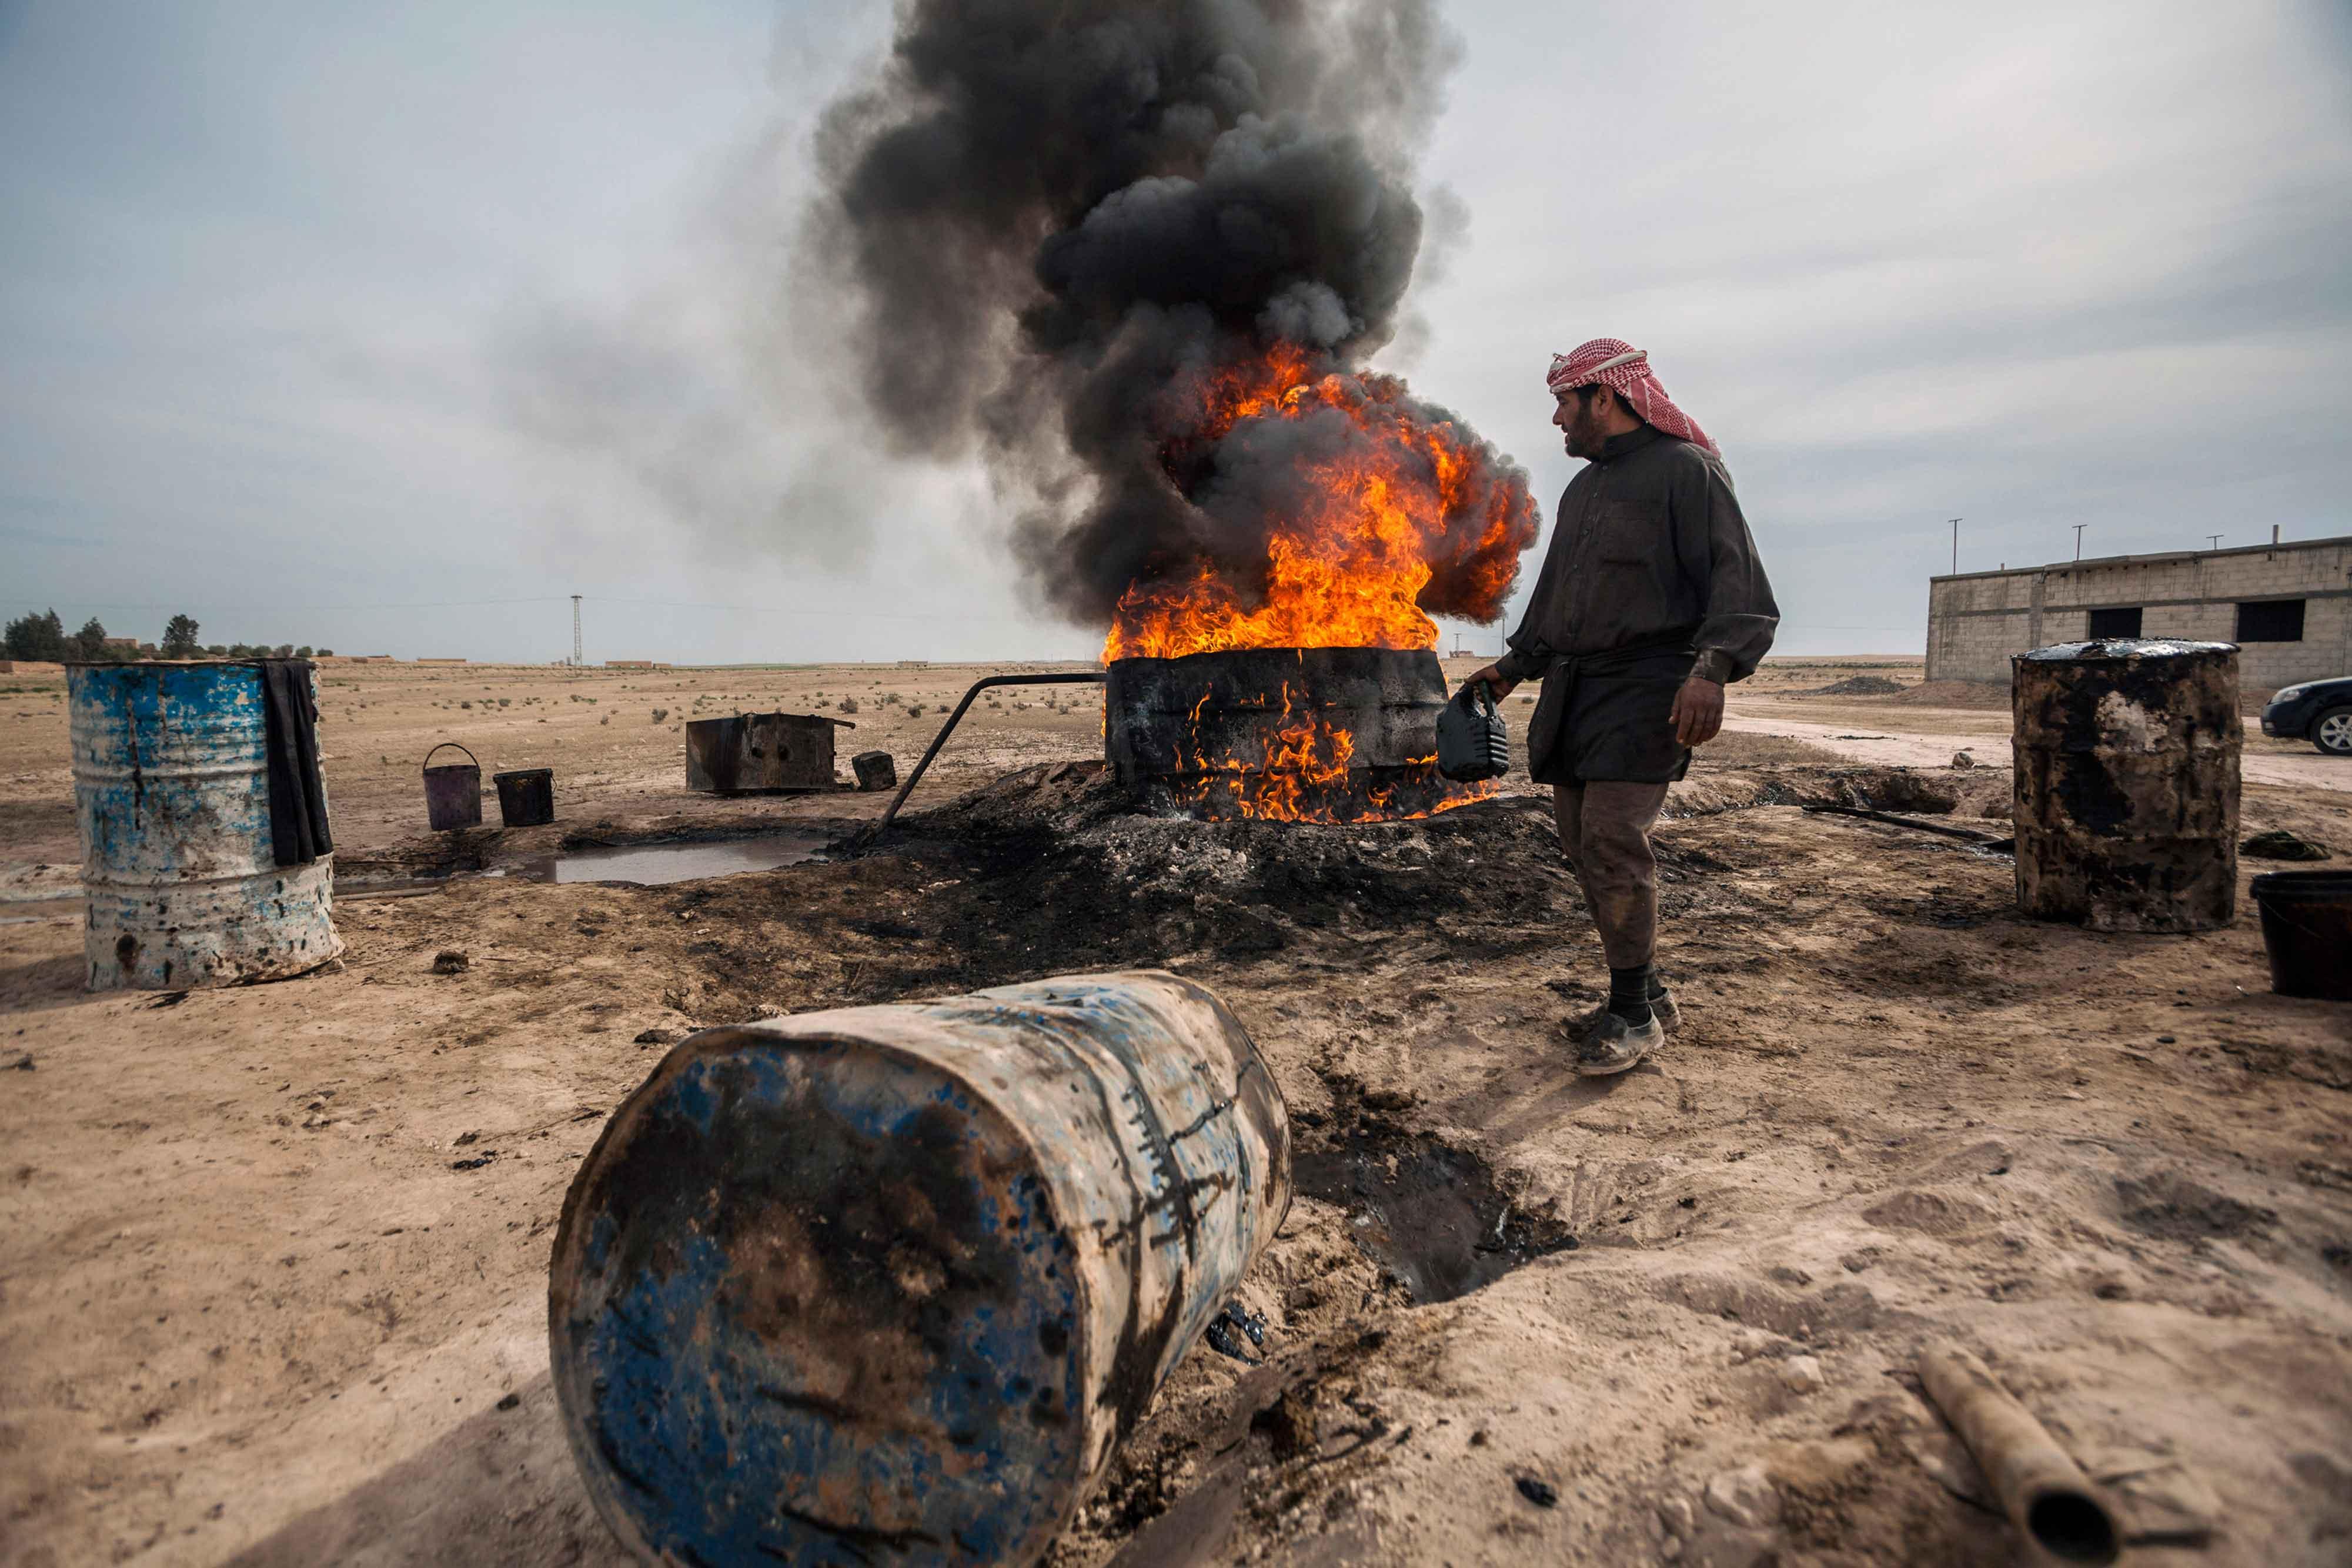 Petrolio: Cos'è e Come viene scambiato [Guida completa]